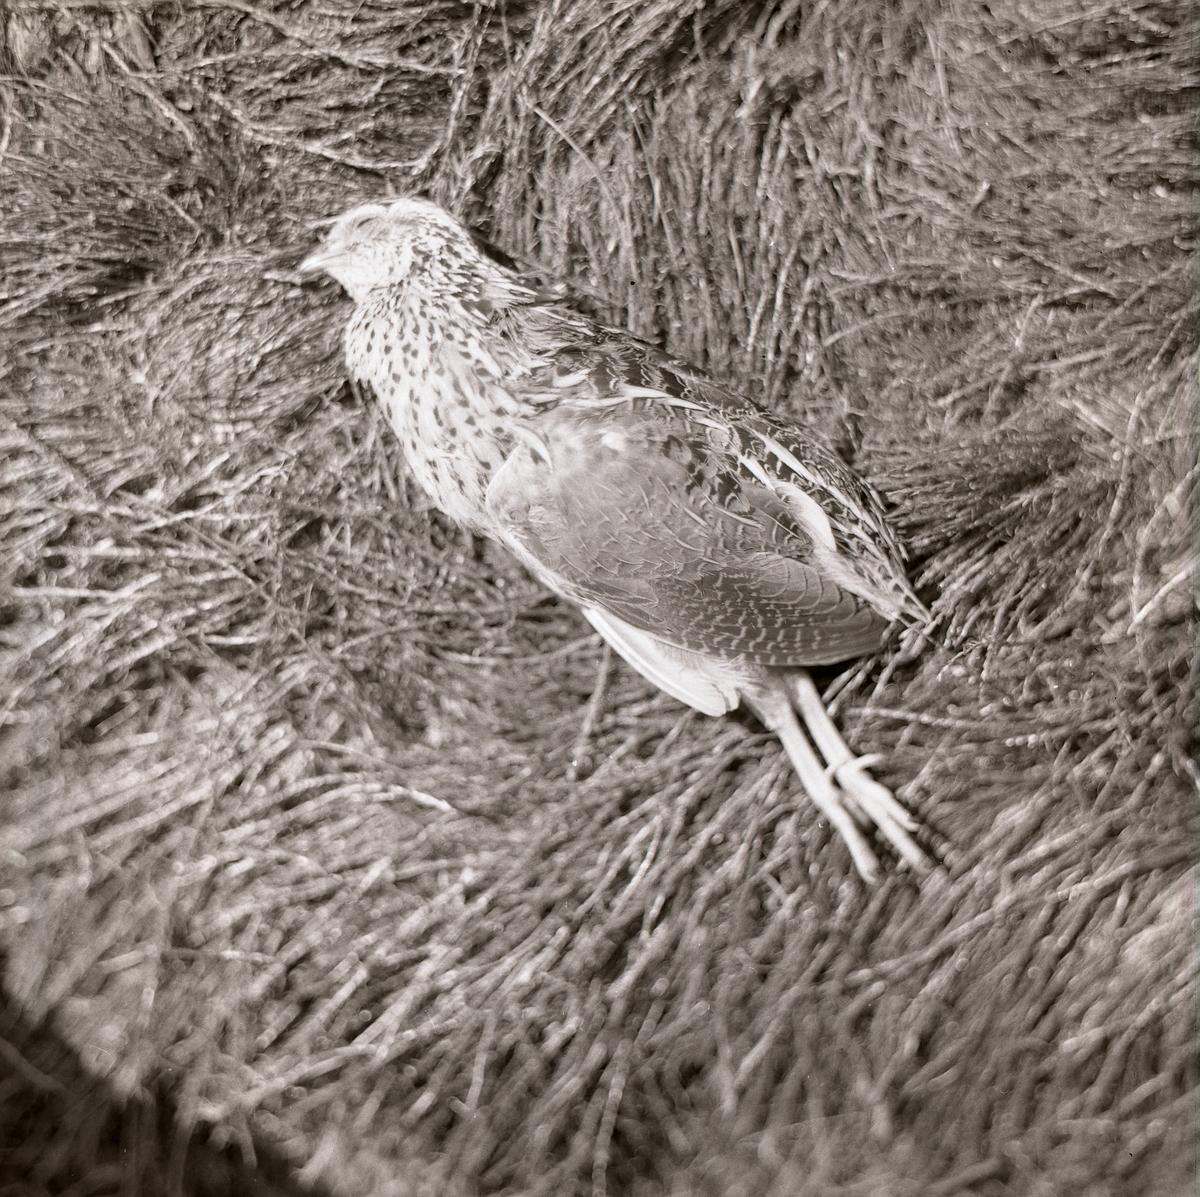 Stilla ligger den döda vakteln i gräset. Nedlagd på sidan utstrålar den frid och lugn fastän benen pekar rakt ned. I anslutning till bilden har Mickelsson skrivit att fågeln fallit offer för telefonledningen 1972.